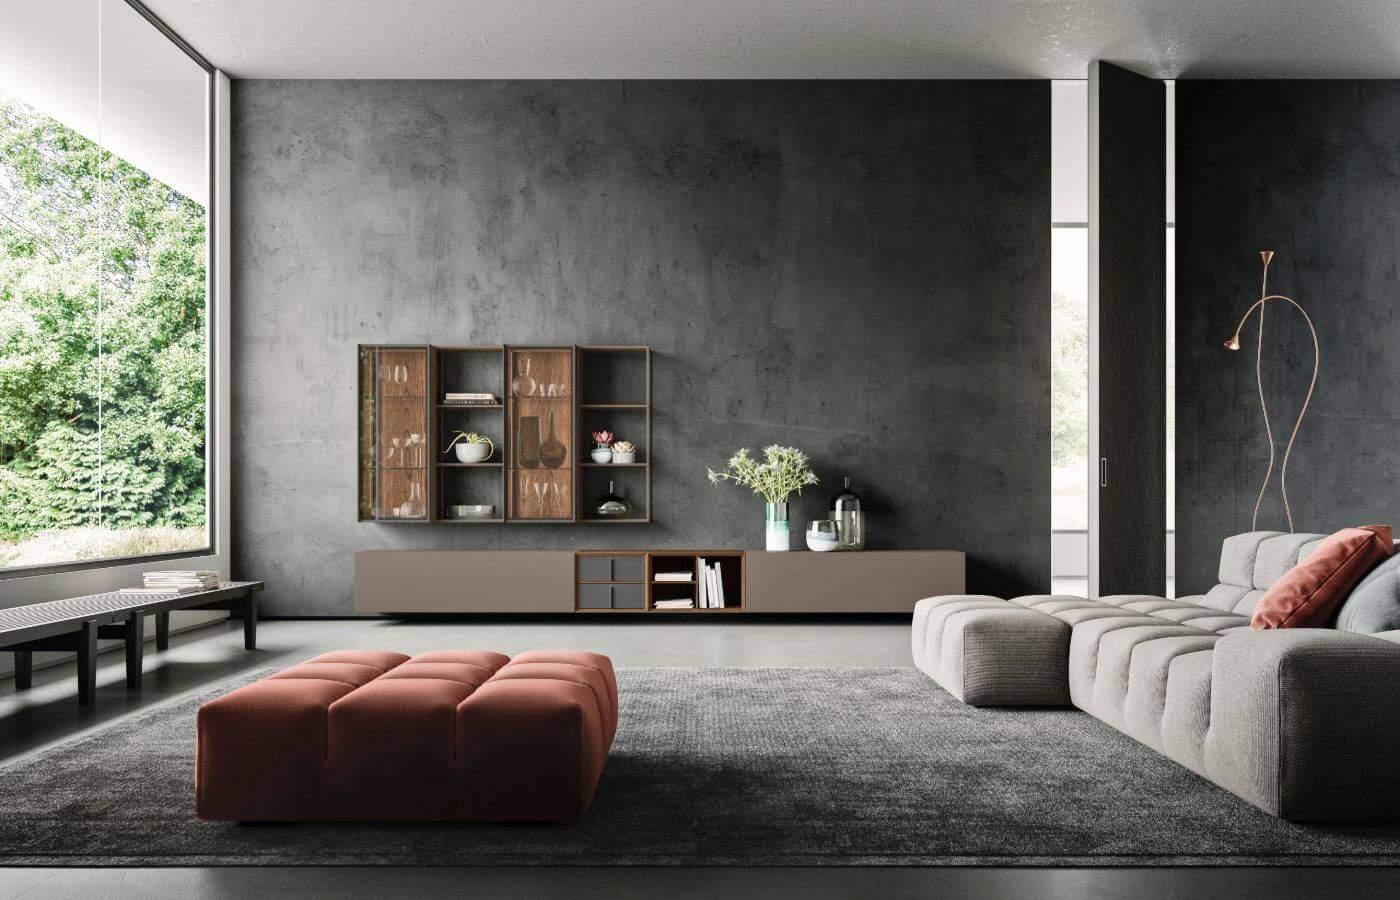 zona-giorno-parete-attrezzata-collezione-mikonos-il-mobile (2)